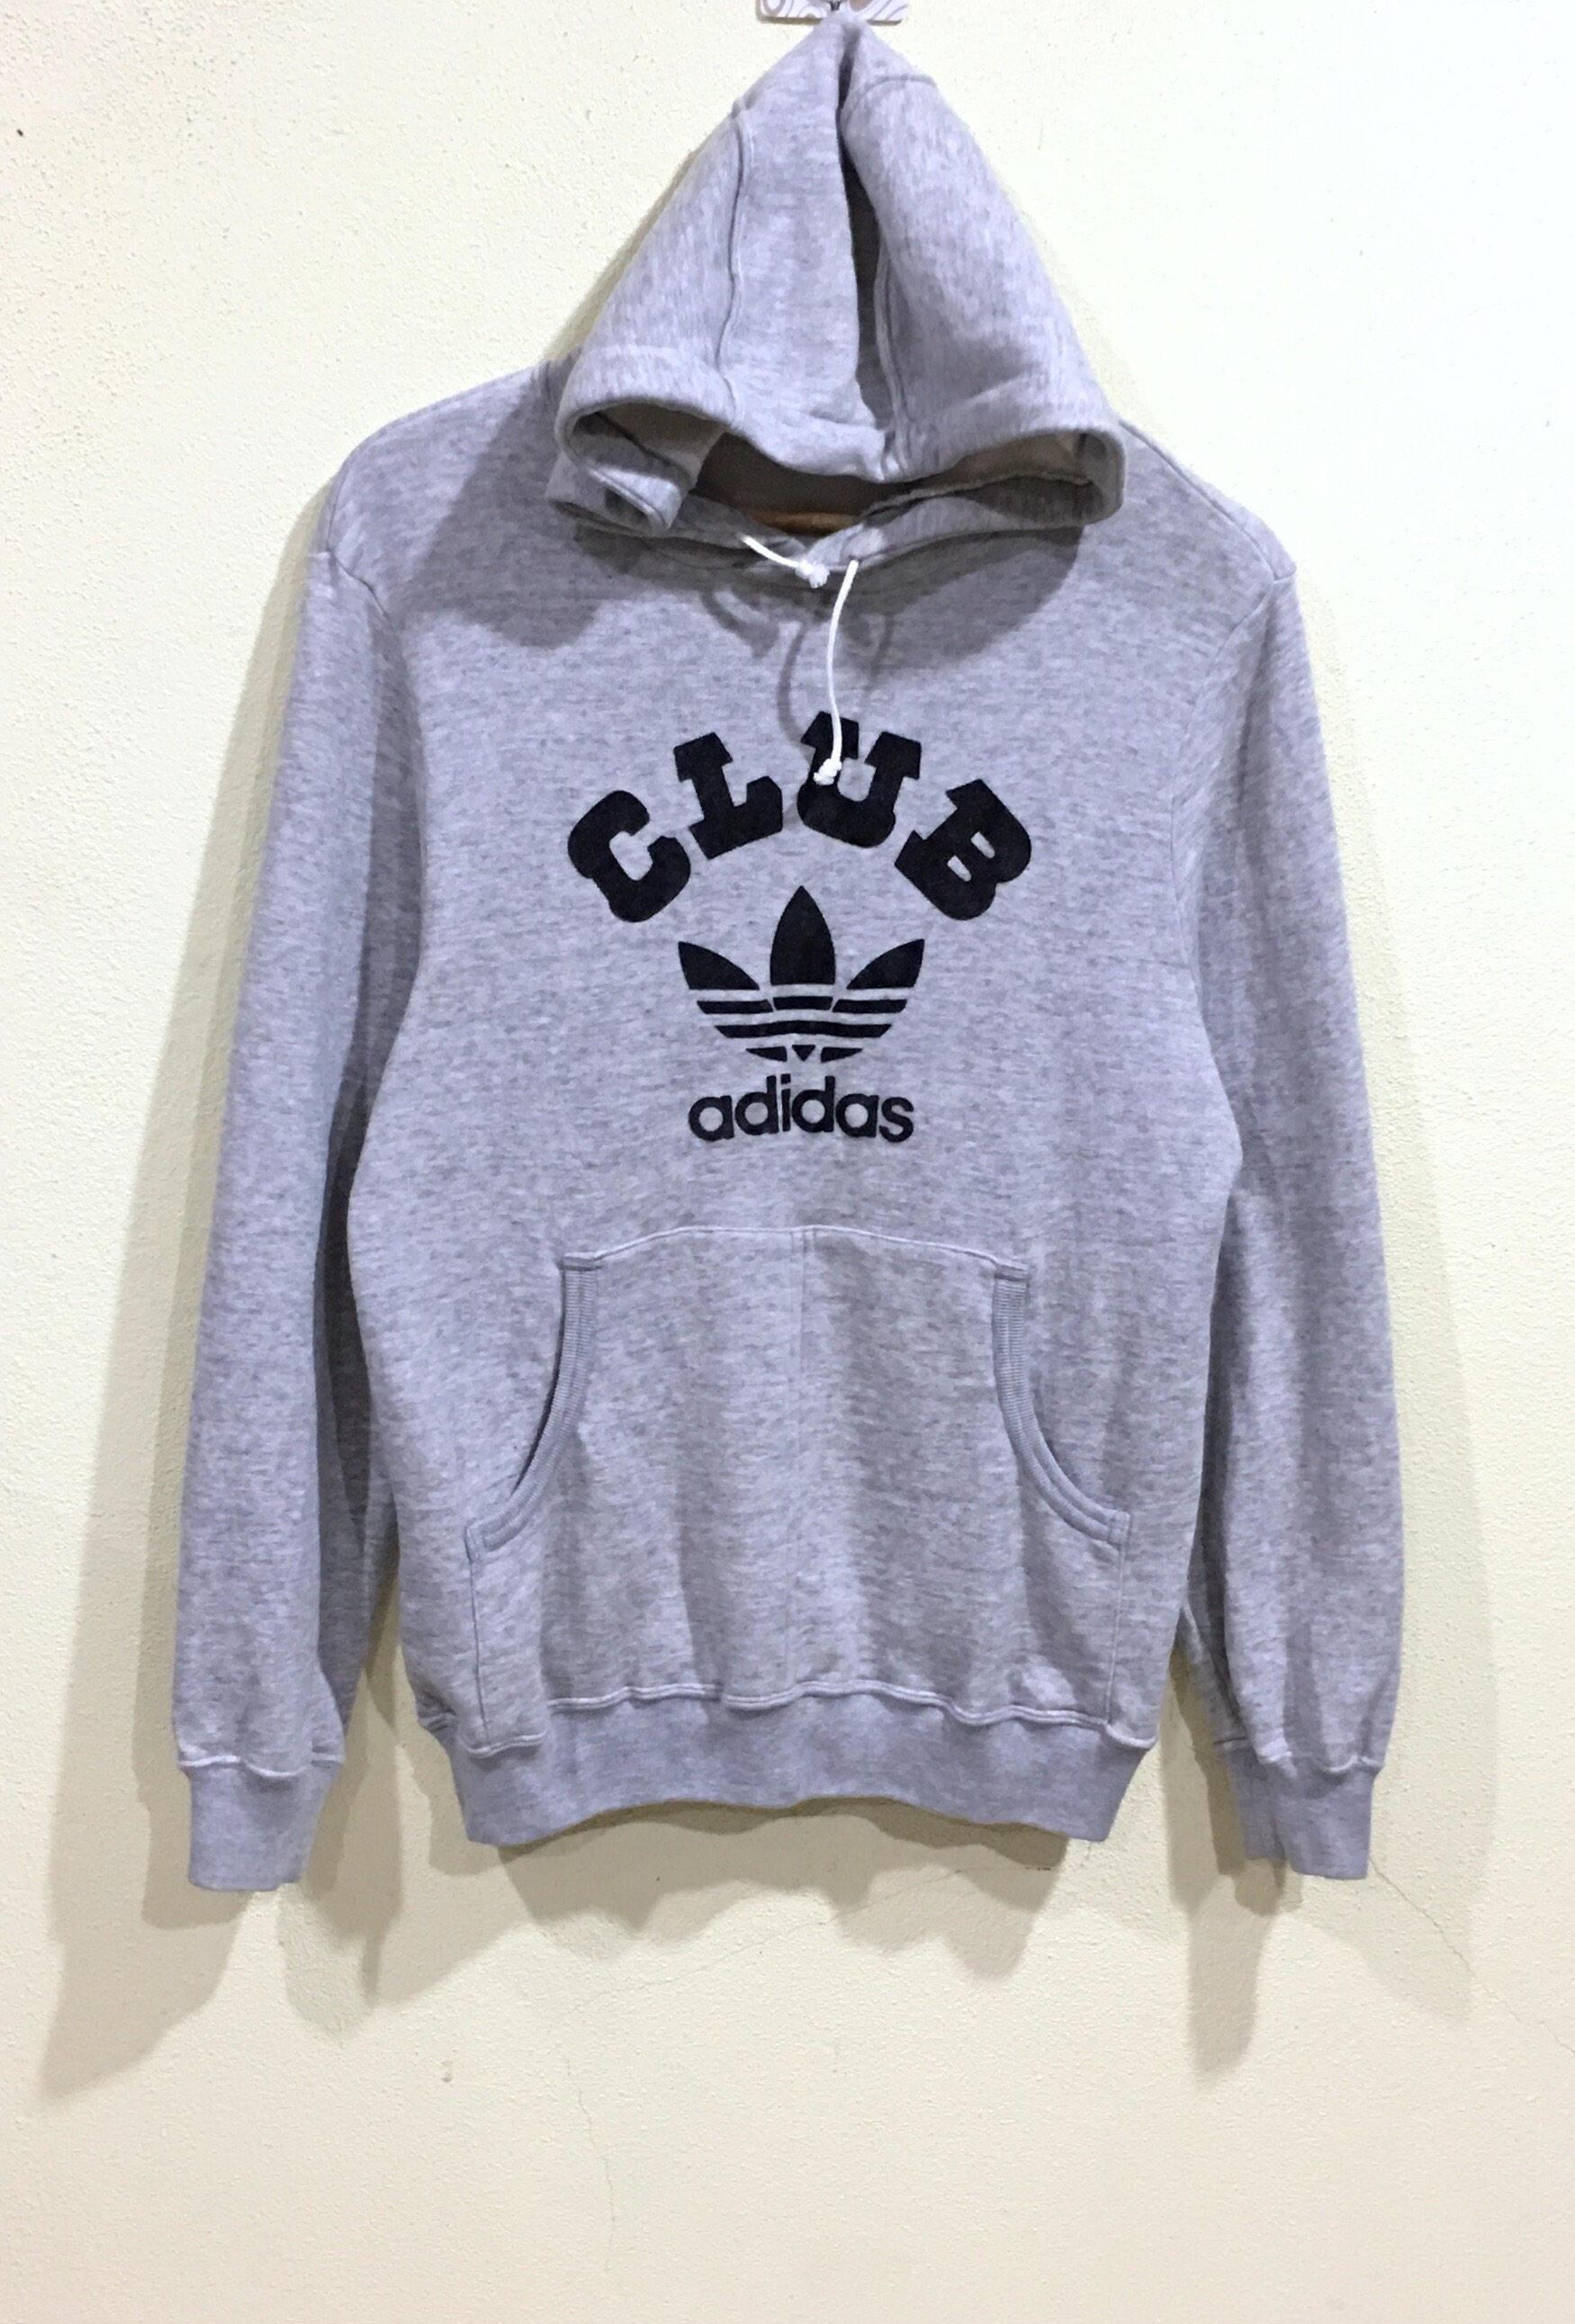 Rara!!! Vintage años 80 años 90 Adidas sudadera con capucha Adidas Club Logo grande Jersey Spellout puente suéter Hip Hop botín Sportwear